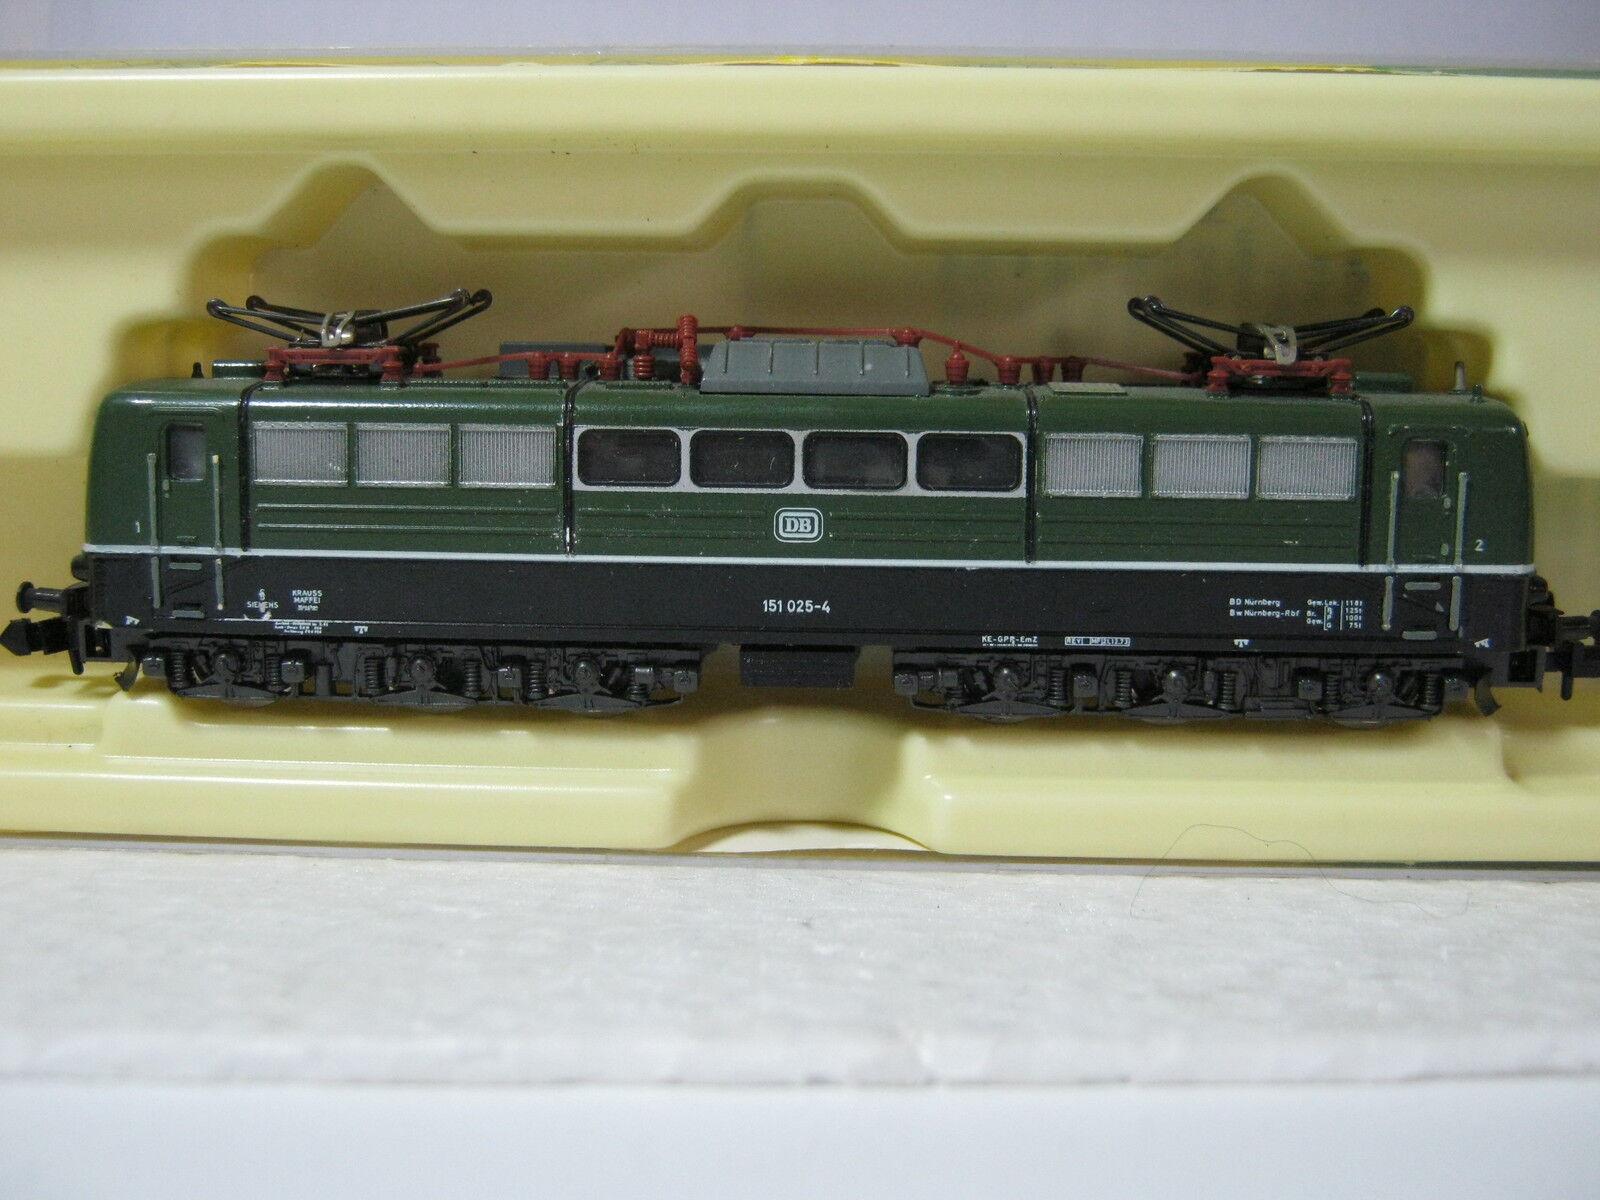 Minitrix Minitrix Minitrix N 2056 Elektro Lok BR 151 025-4 DB green black (RG AE 63S5) c22cbb